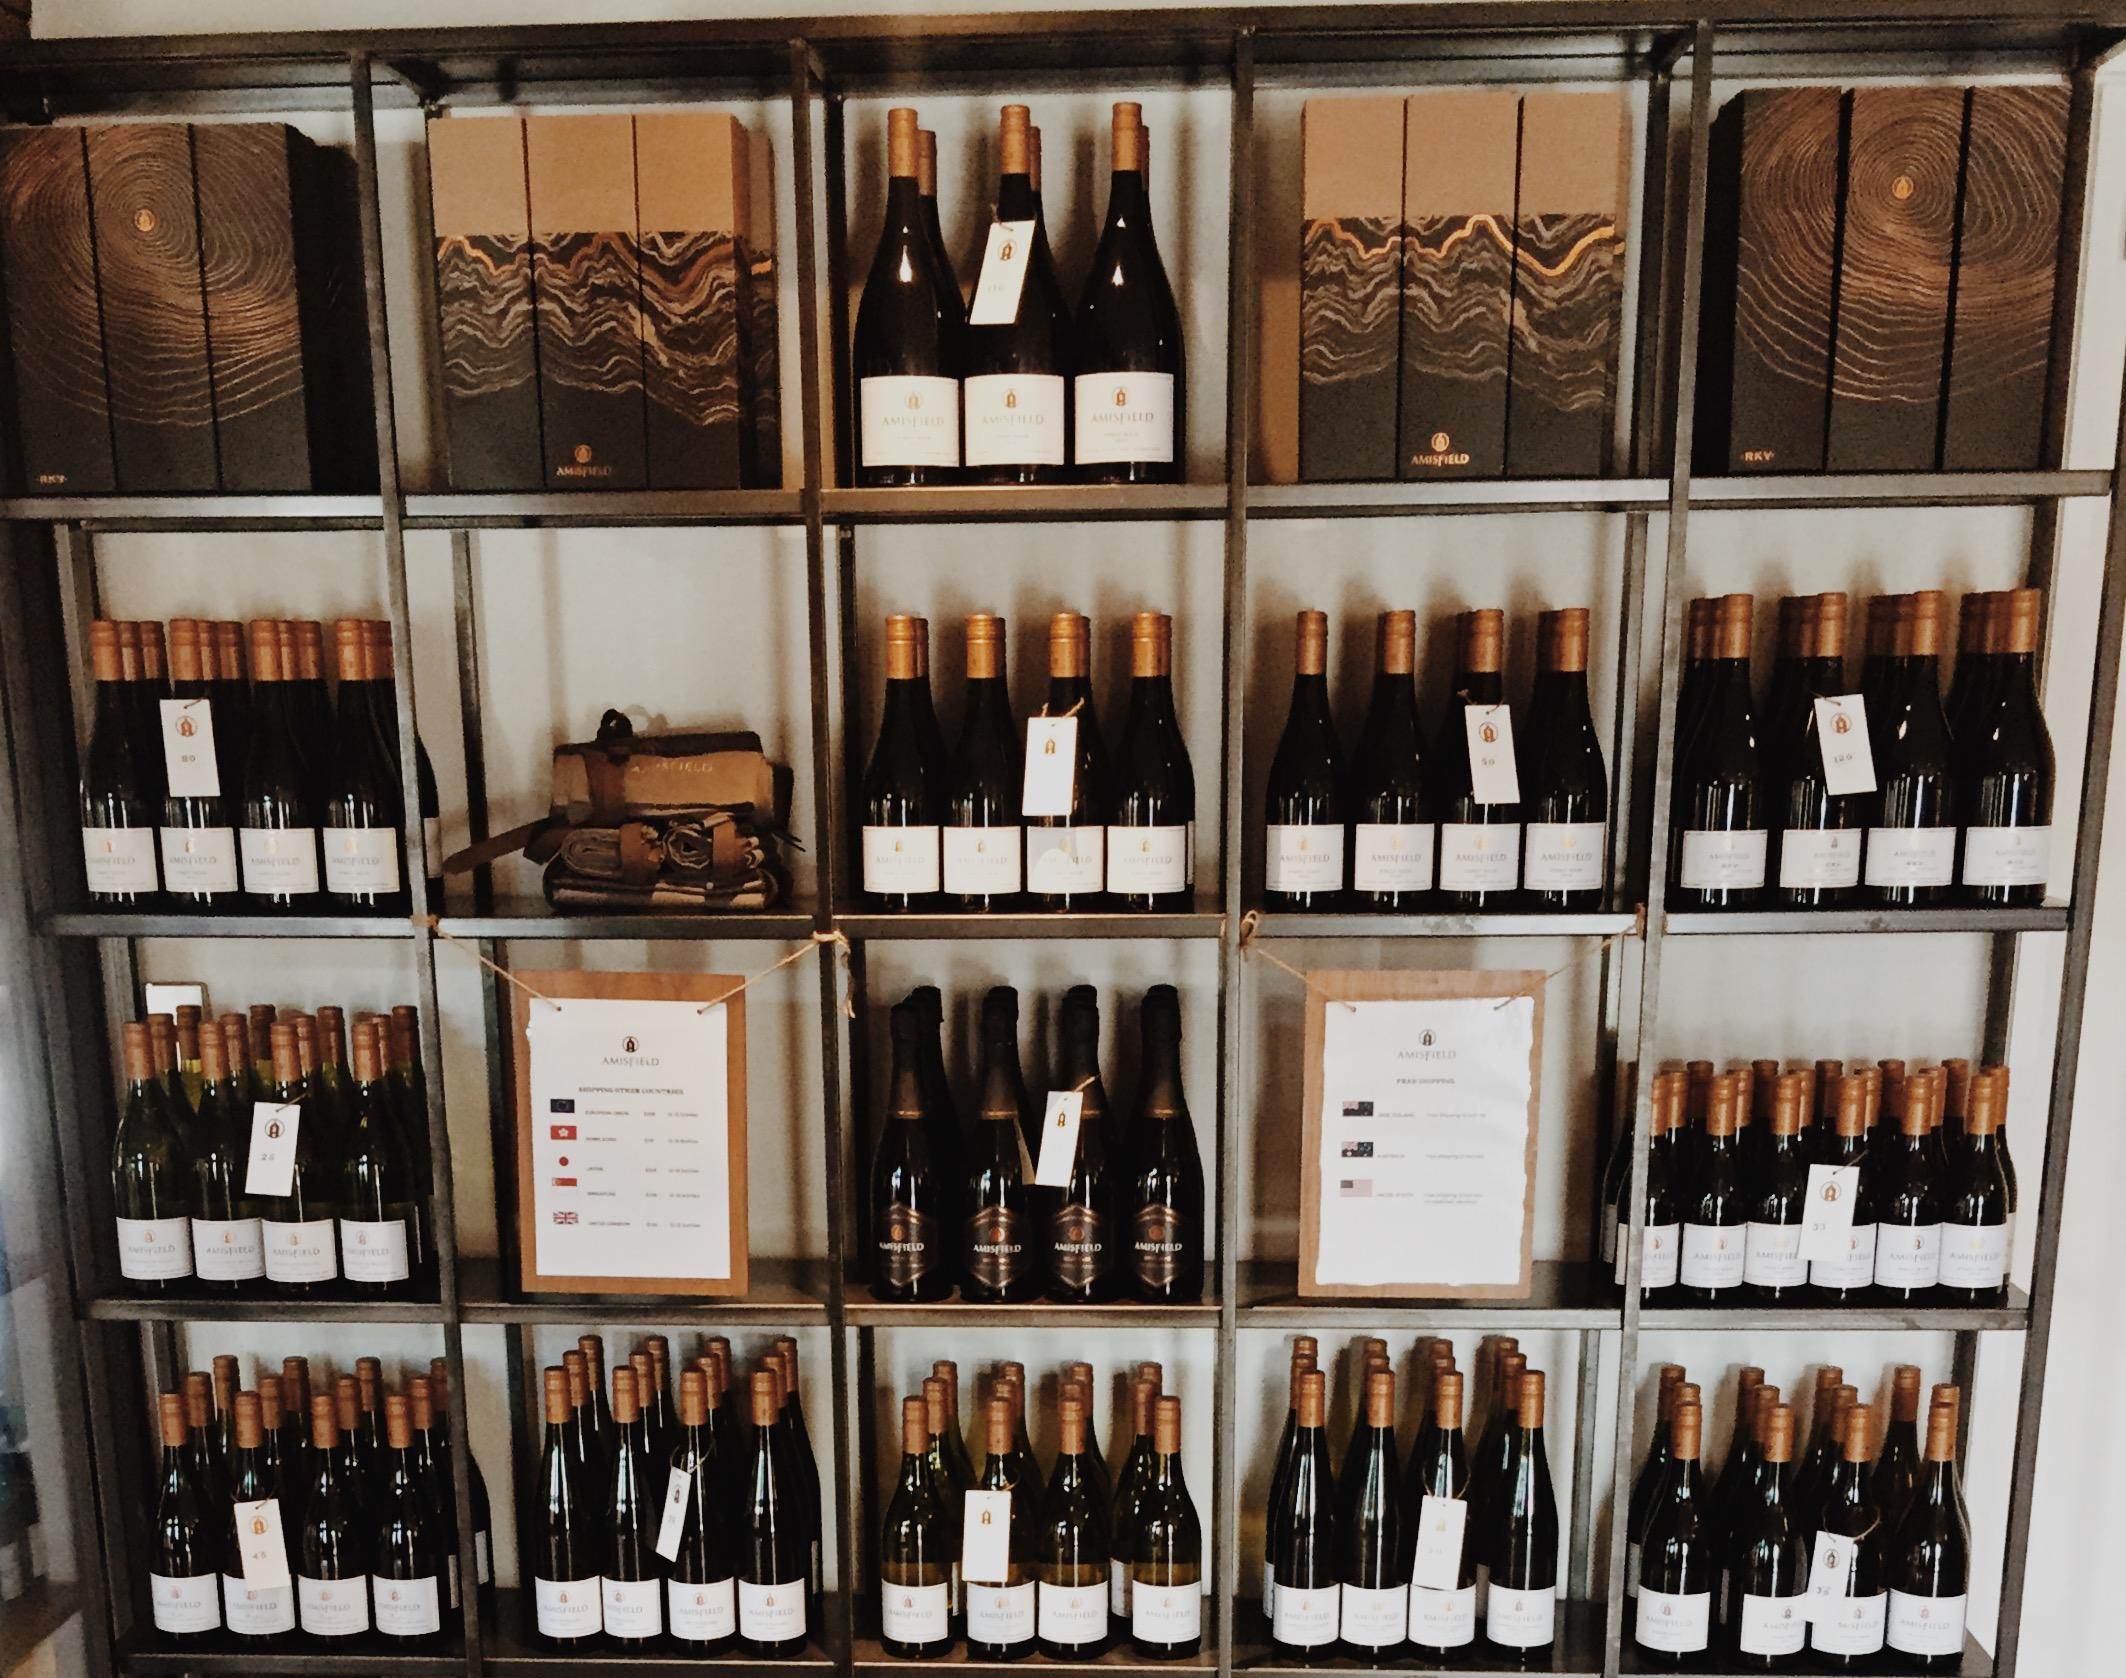 Amisfield Wines